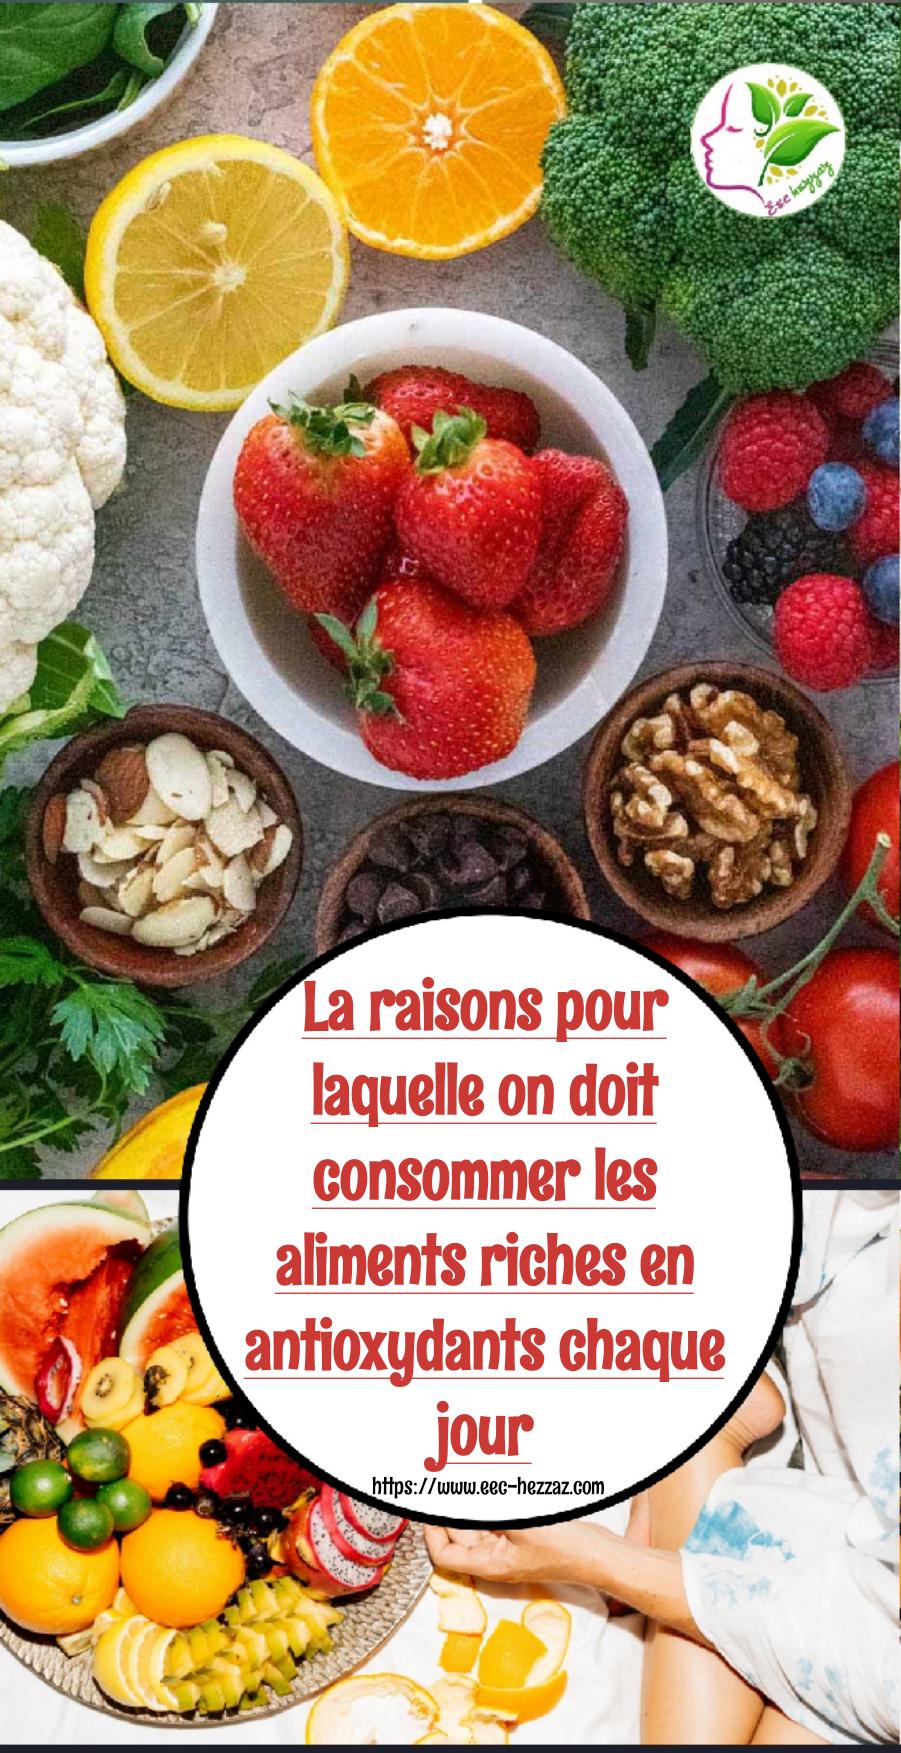 La raisons pour laquelle on doit consommer les aliments riches en antioxydants chaque jour